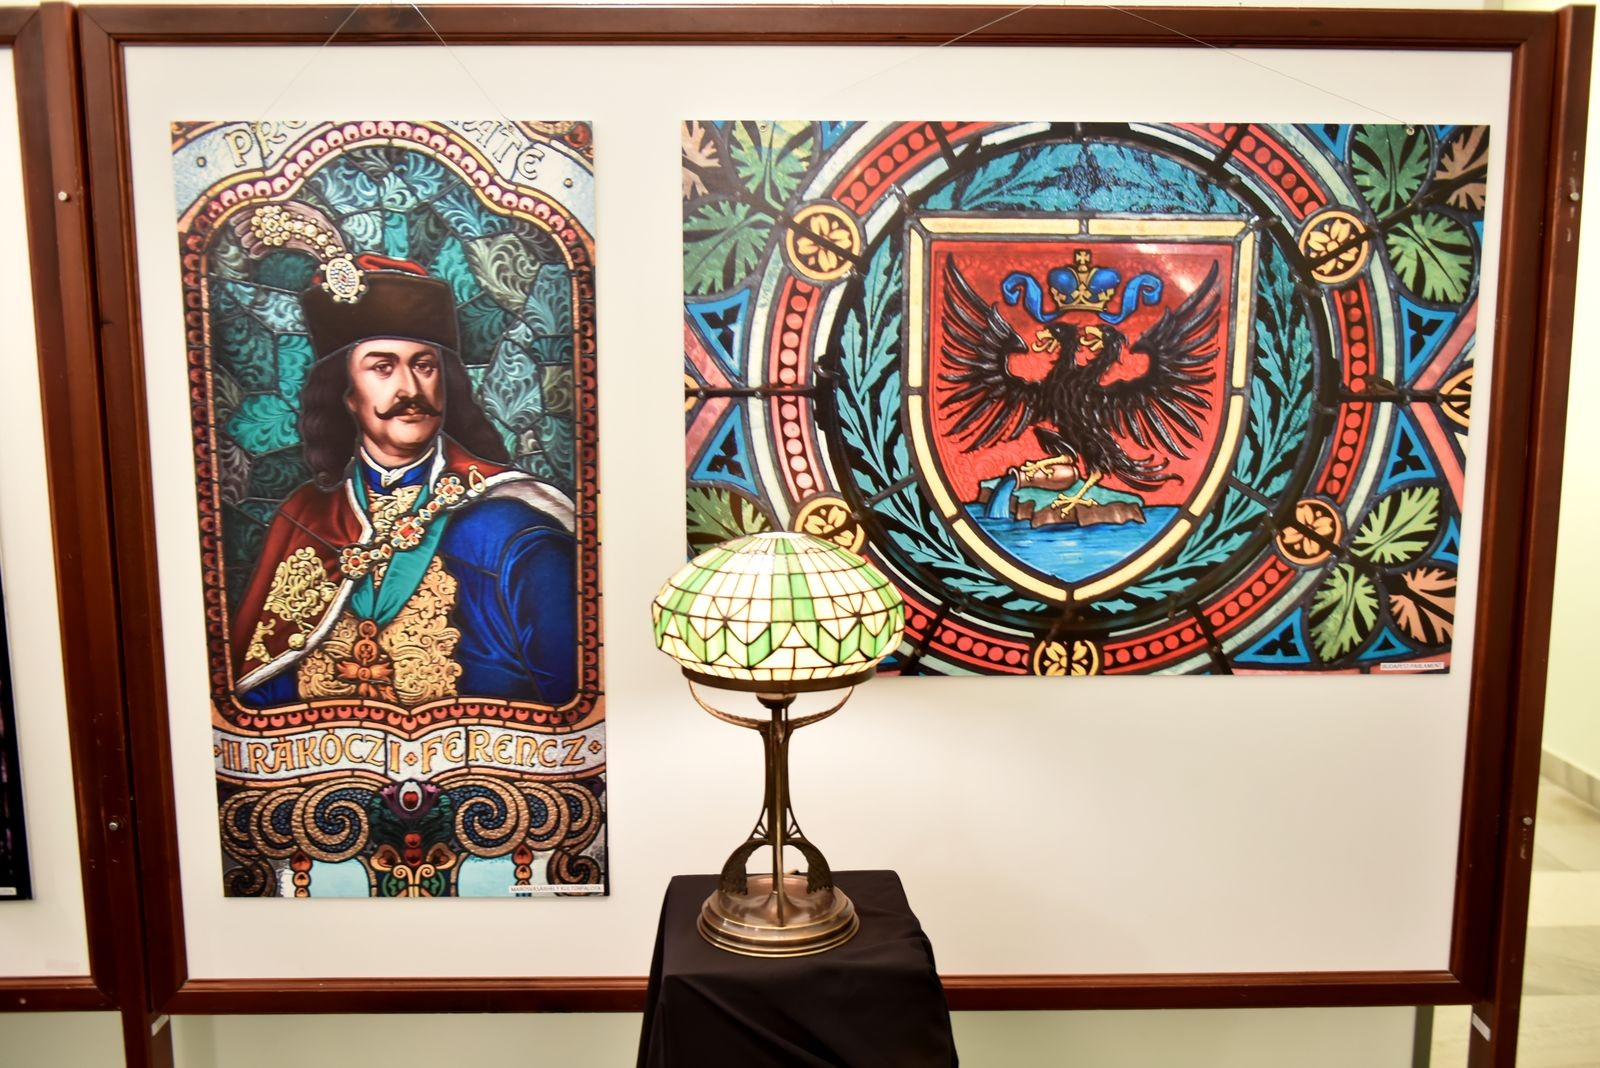 Kiállítás nyílt a nemzetközileg is elismert díszműüveges mester alkotásaiból